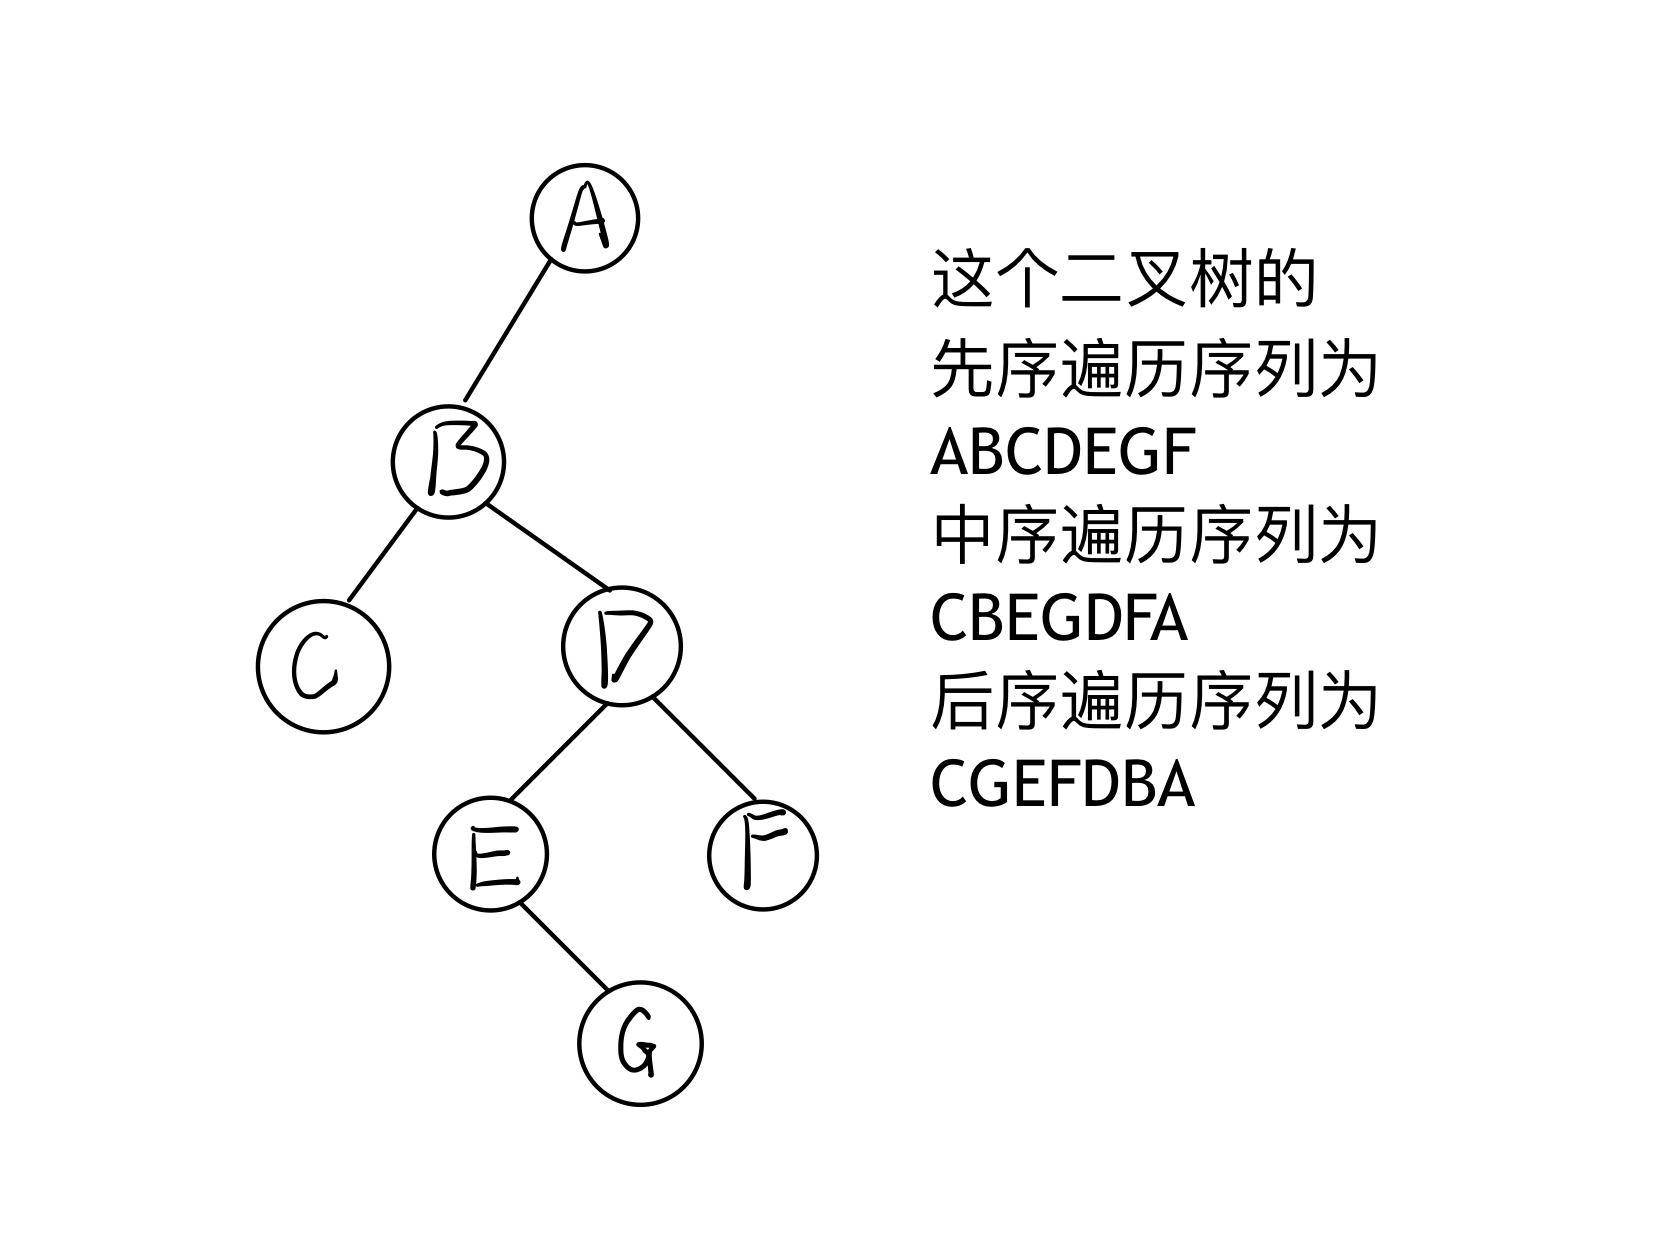 [数据结构] 二叉树的前序遍历、中序遍历和后序遍历插图